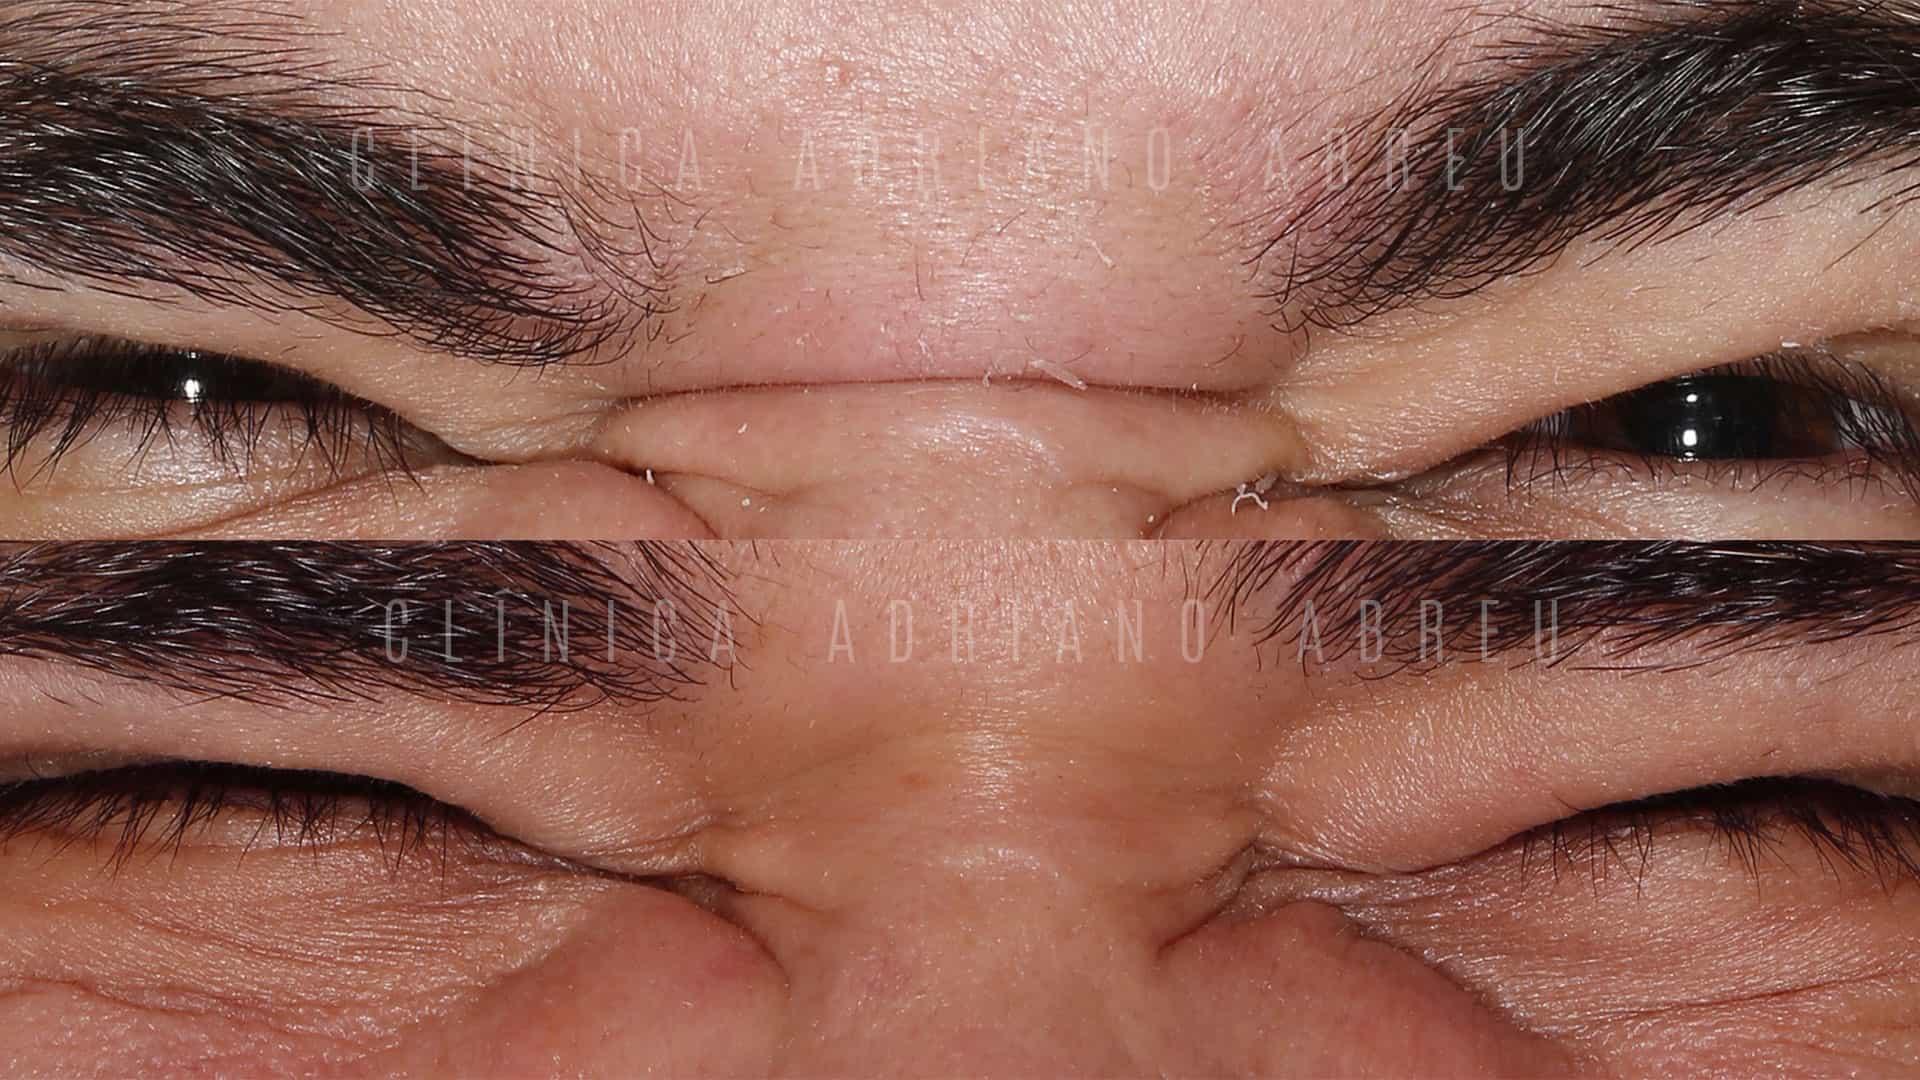 Toxina botulínica utilizada em rugas entre as sobrancelhas